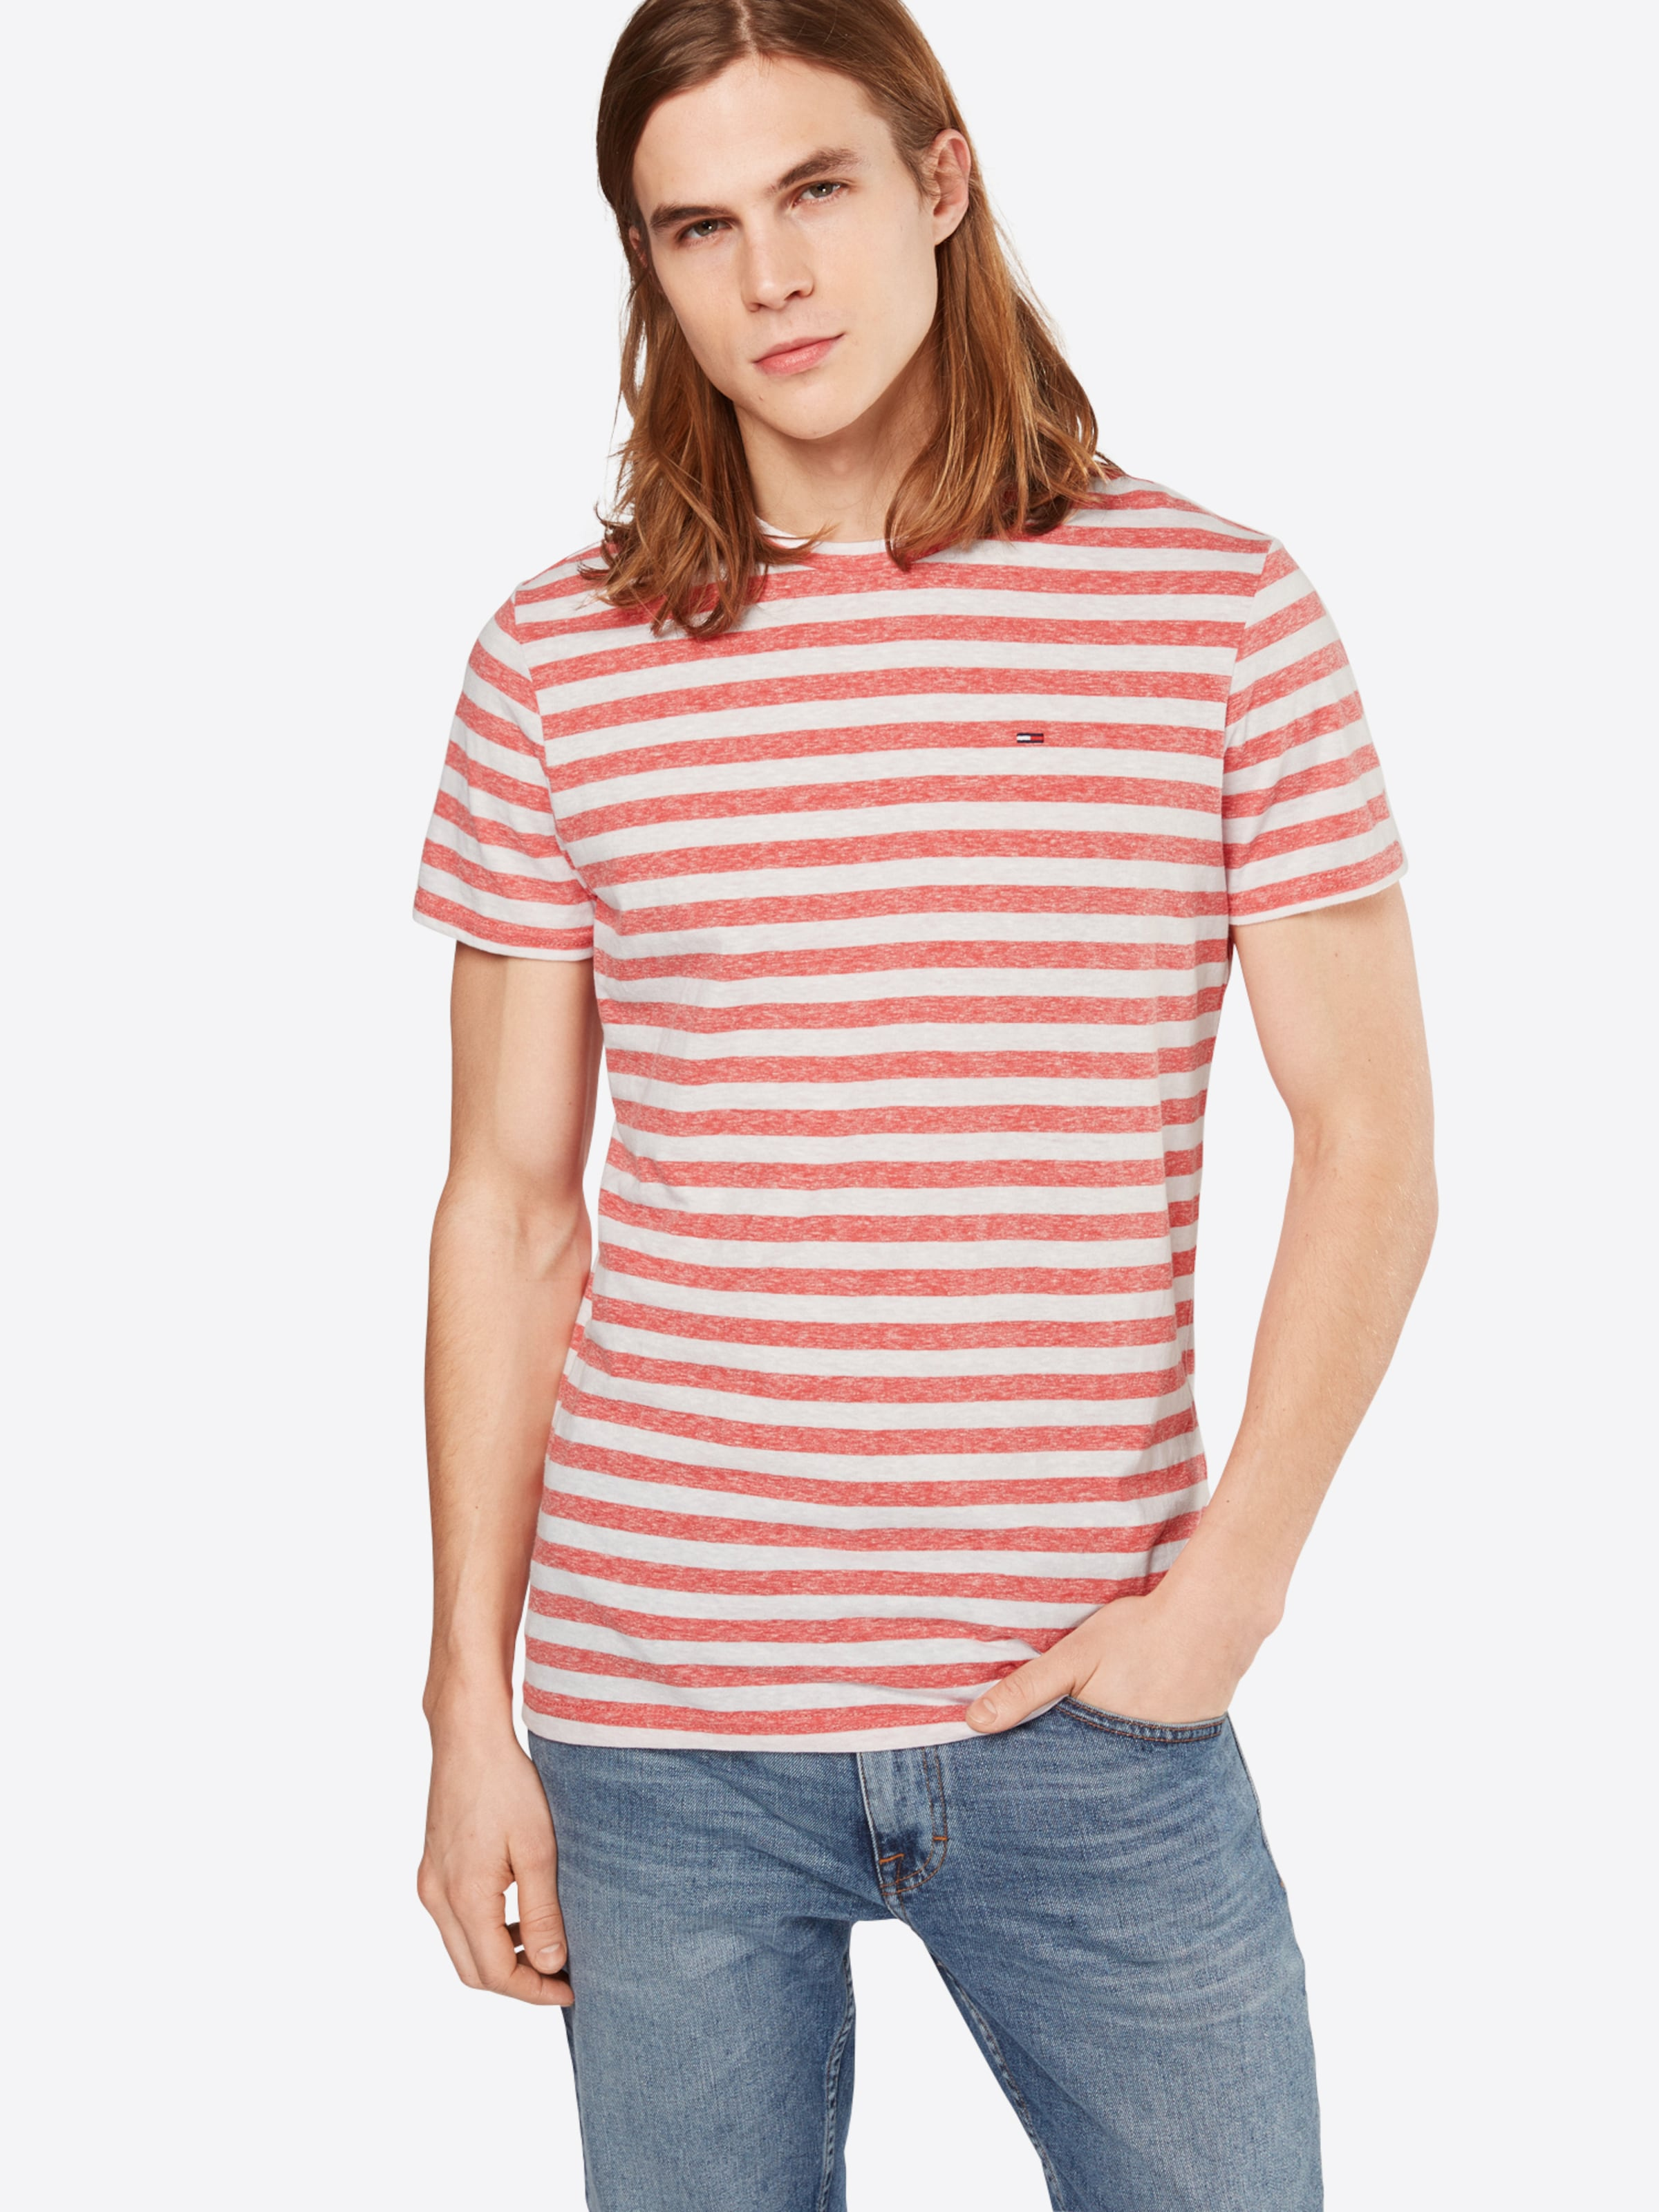 Tommy Jeans T-Shirt 'TJM ESSENTIAL STRIPE' Billig Verkauf 2018 Verkauf Breite Palette Von Outlet Kaufen hVJm84